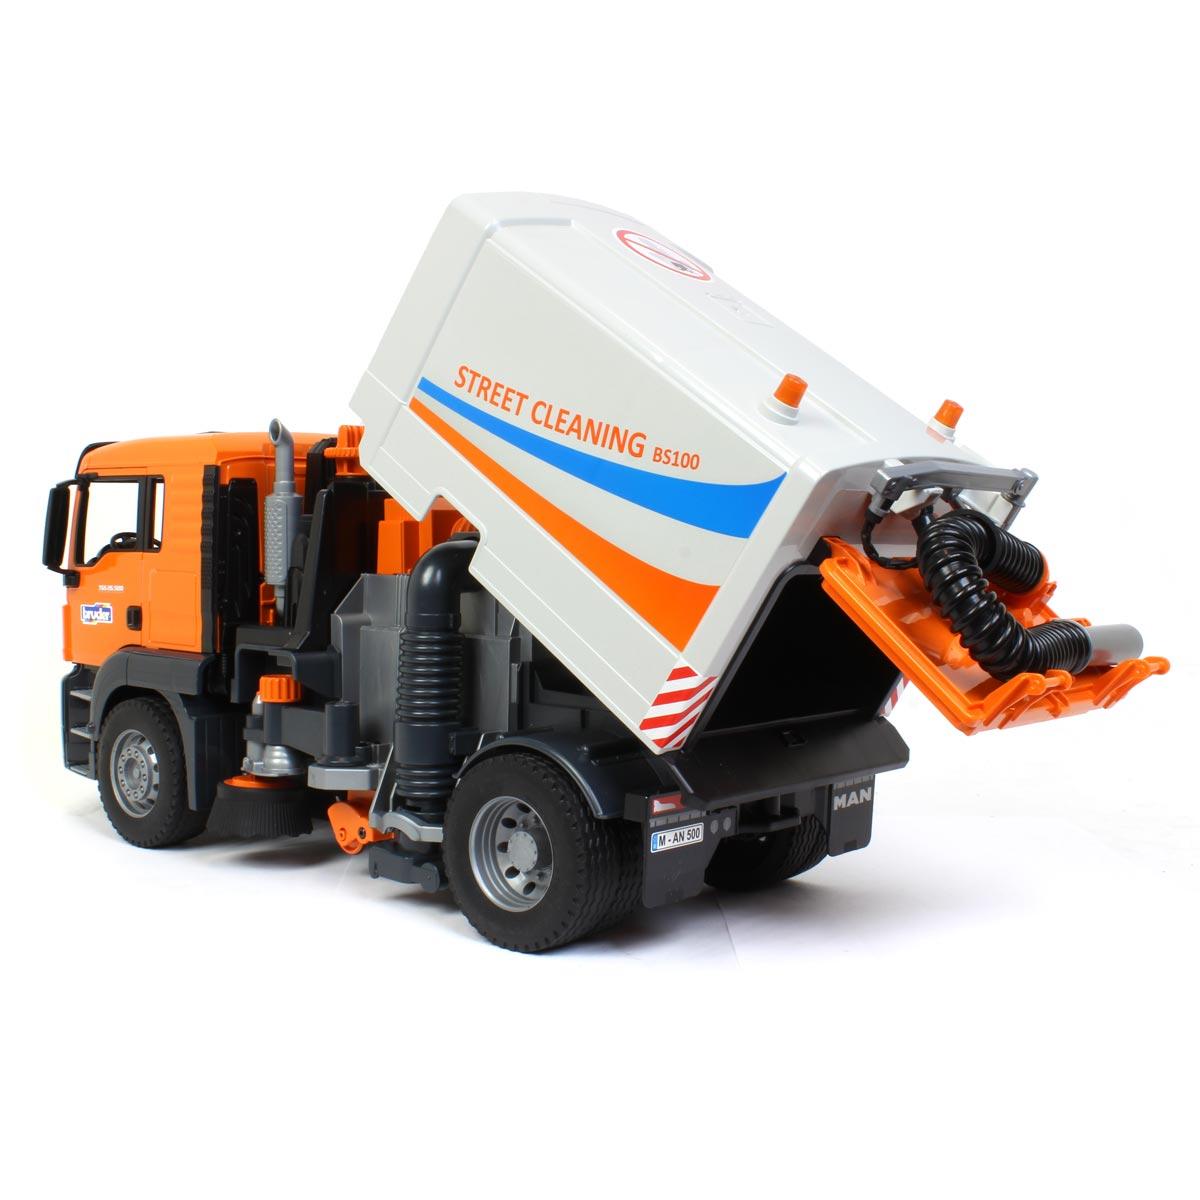 Bruder Road Sweeper échelle 1:16 Jouet en plastique 02583